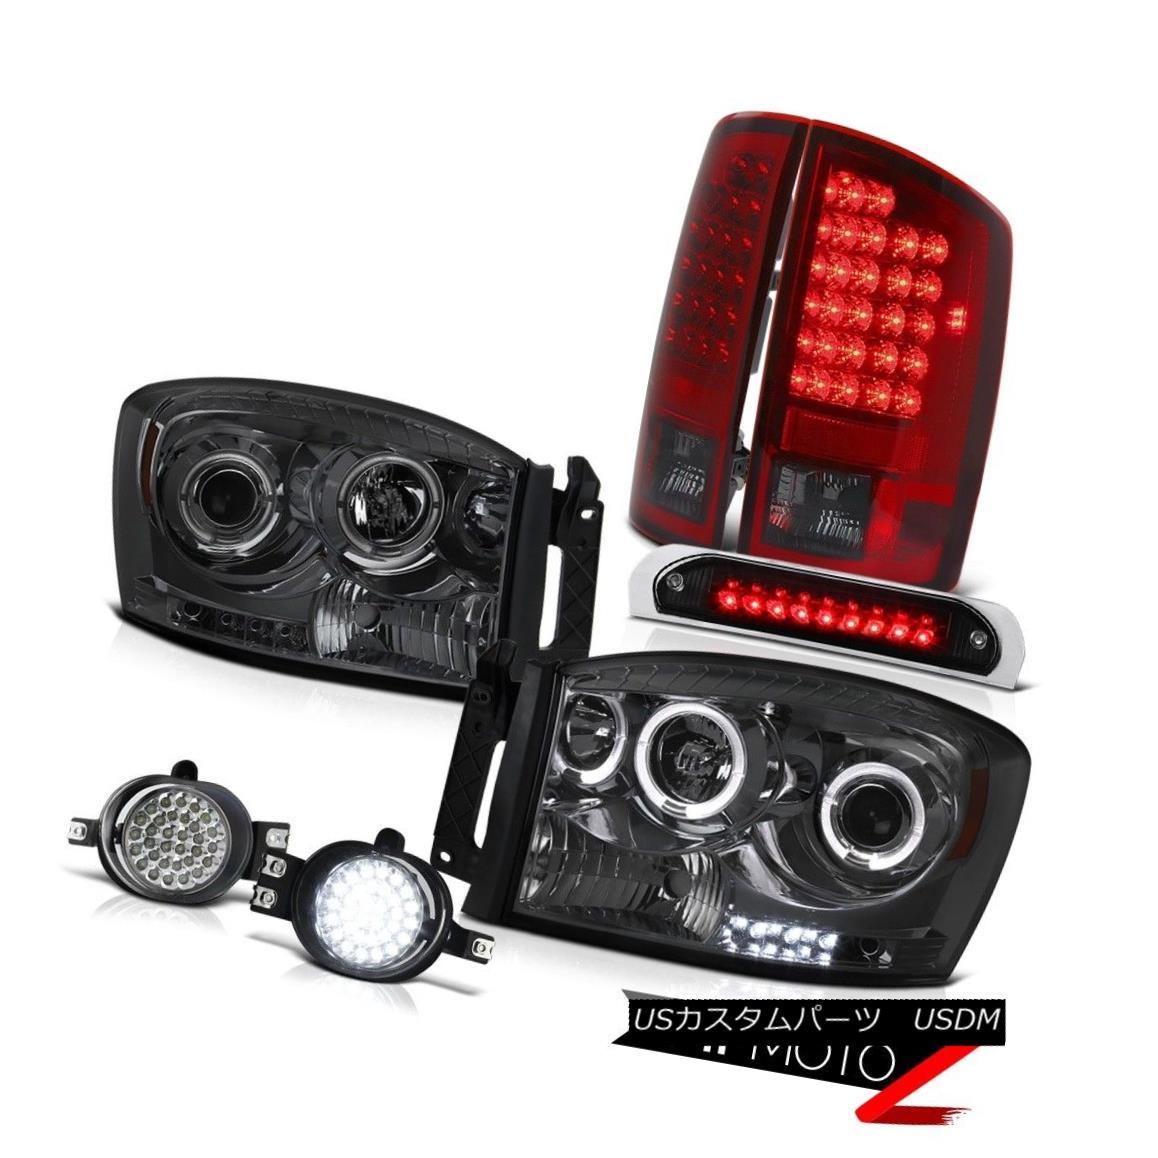 ヘッドライト 07 08 Ram Angel Eye Headlight SMD LED Brake Lamps Trim Foglights Roof Stop Black 07 08ラムエンジェルアイヘッドライトSMD LEDブレーキランプトリムフォグライトルーフストップブラック